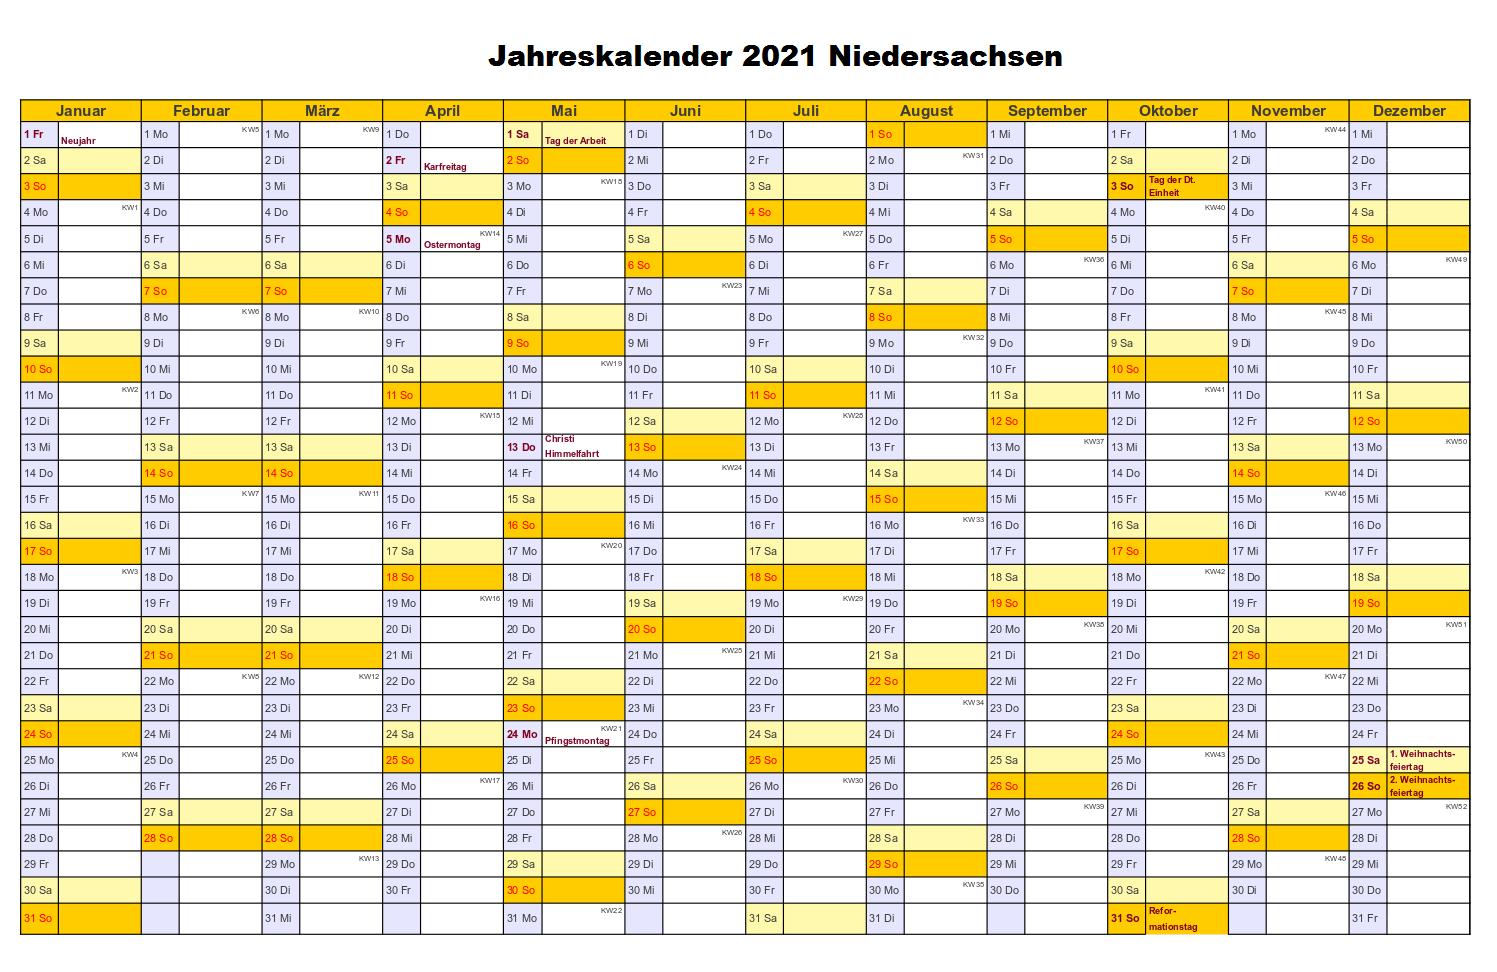 Jahreskalender 2021 Niedersachsen PDF